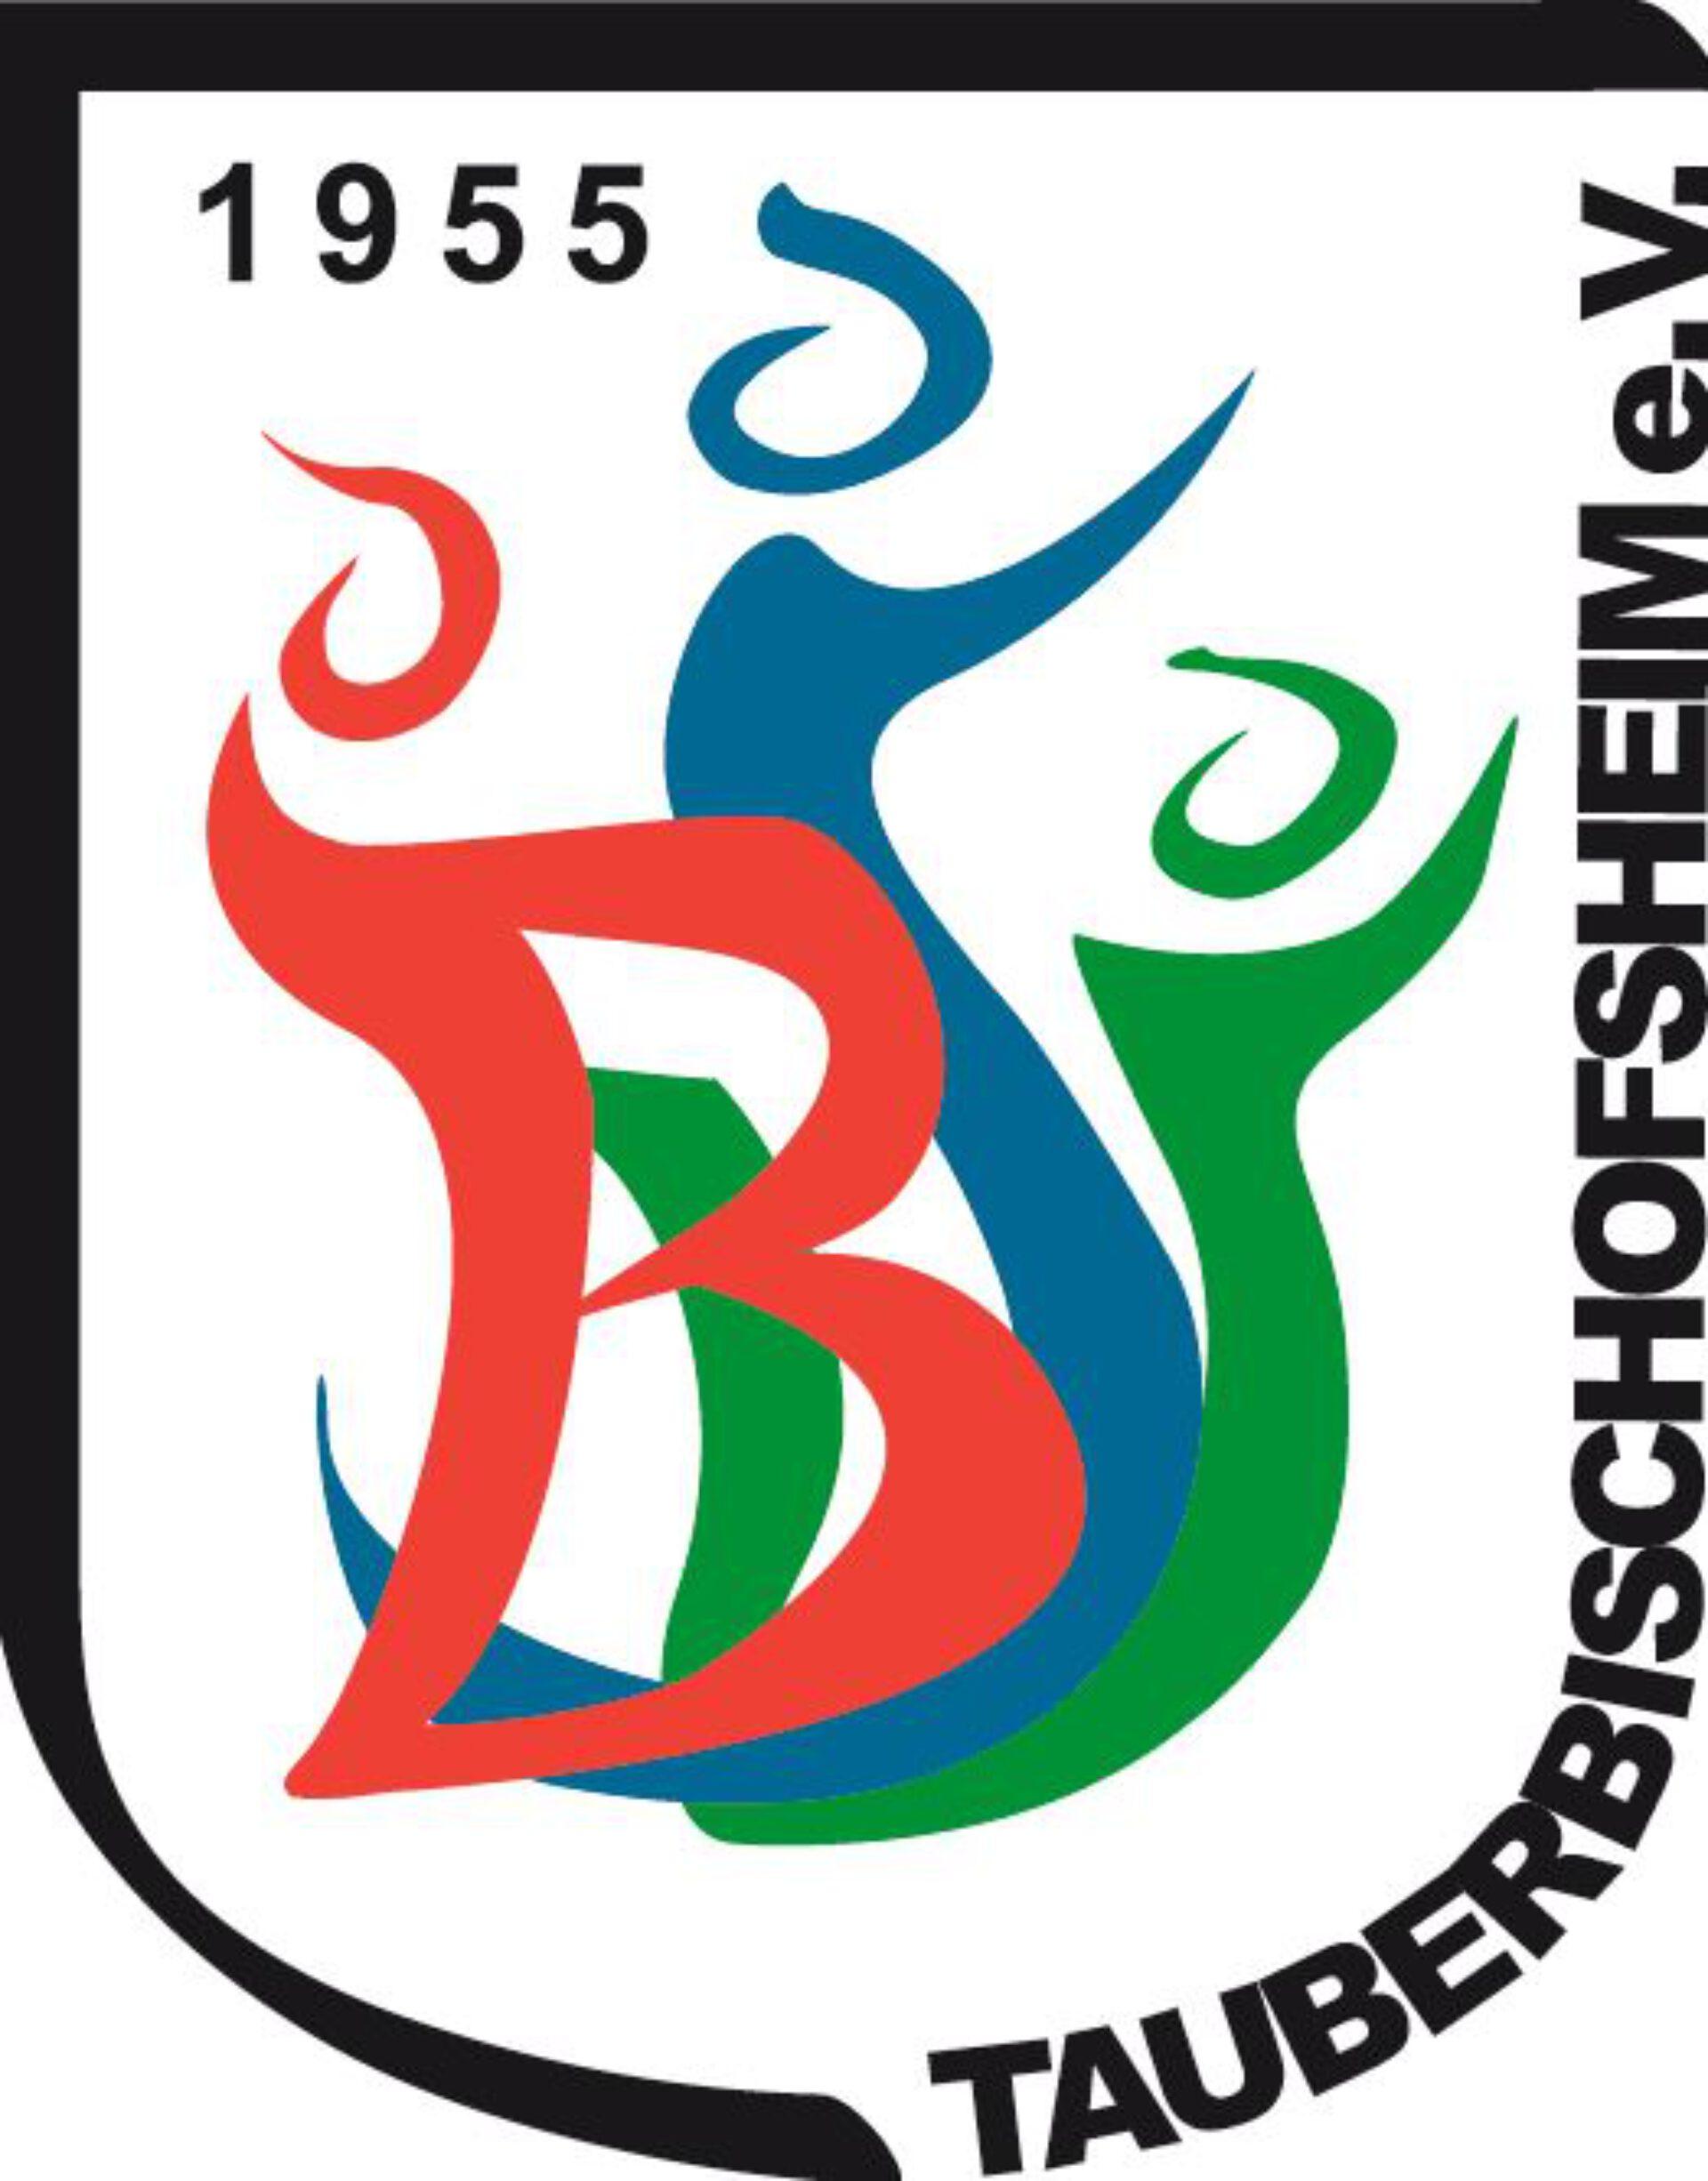 Behindertensportverein Tauberbischofsheim e.V.